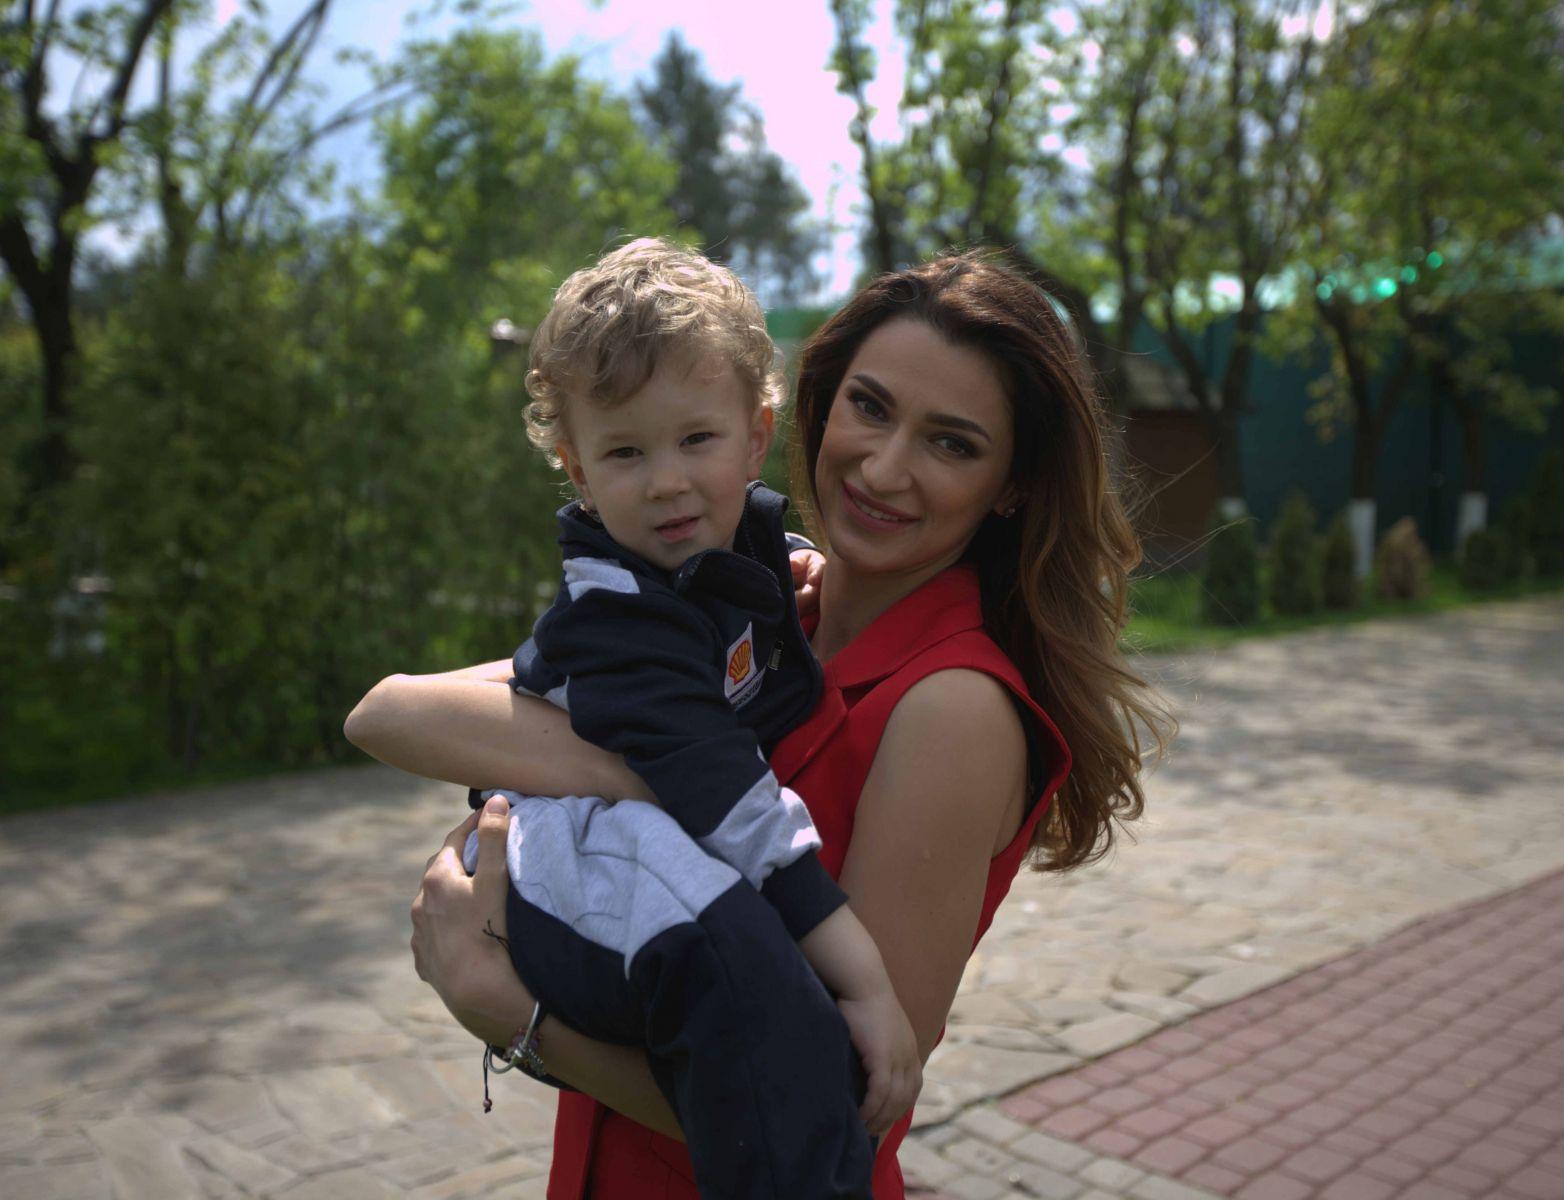 Звезда шоу Голос країни-5 Татьяна Решетняк рассказала, почему воспитывает сына одна